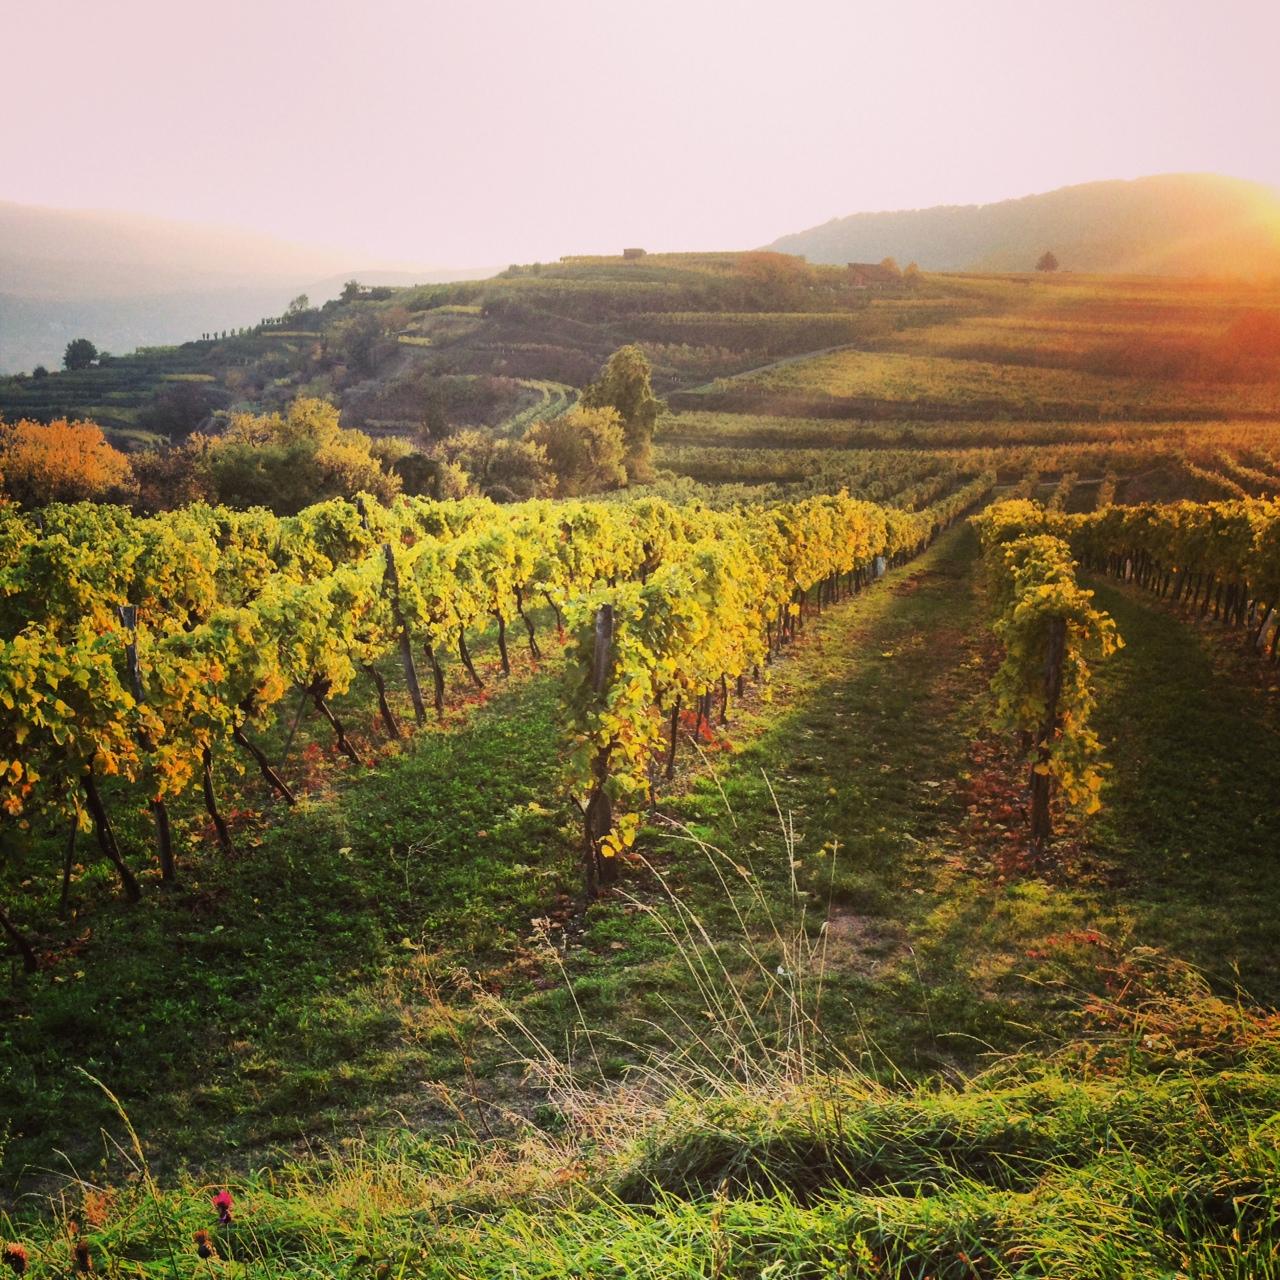 Last but not least: Als alte Heimat- & Wein-Fan musste es ein Weinrieden-Foto sein. :D Blick über die Weinberge von Krems im Licht der untergehenden Herbstsonne ... Für mich gibt es fast keinen schöneren Moment im Jahr, um Fotos wie diese zu schießen!